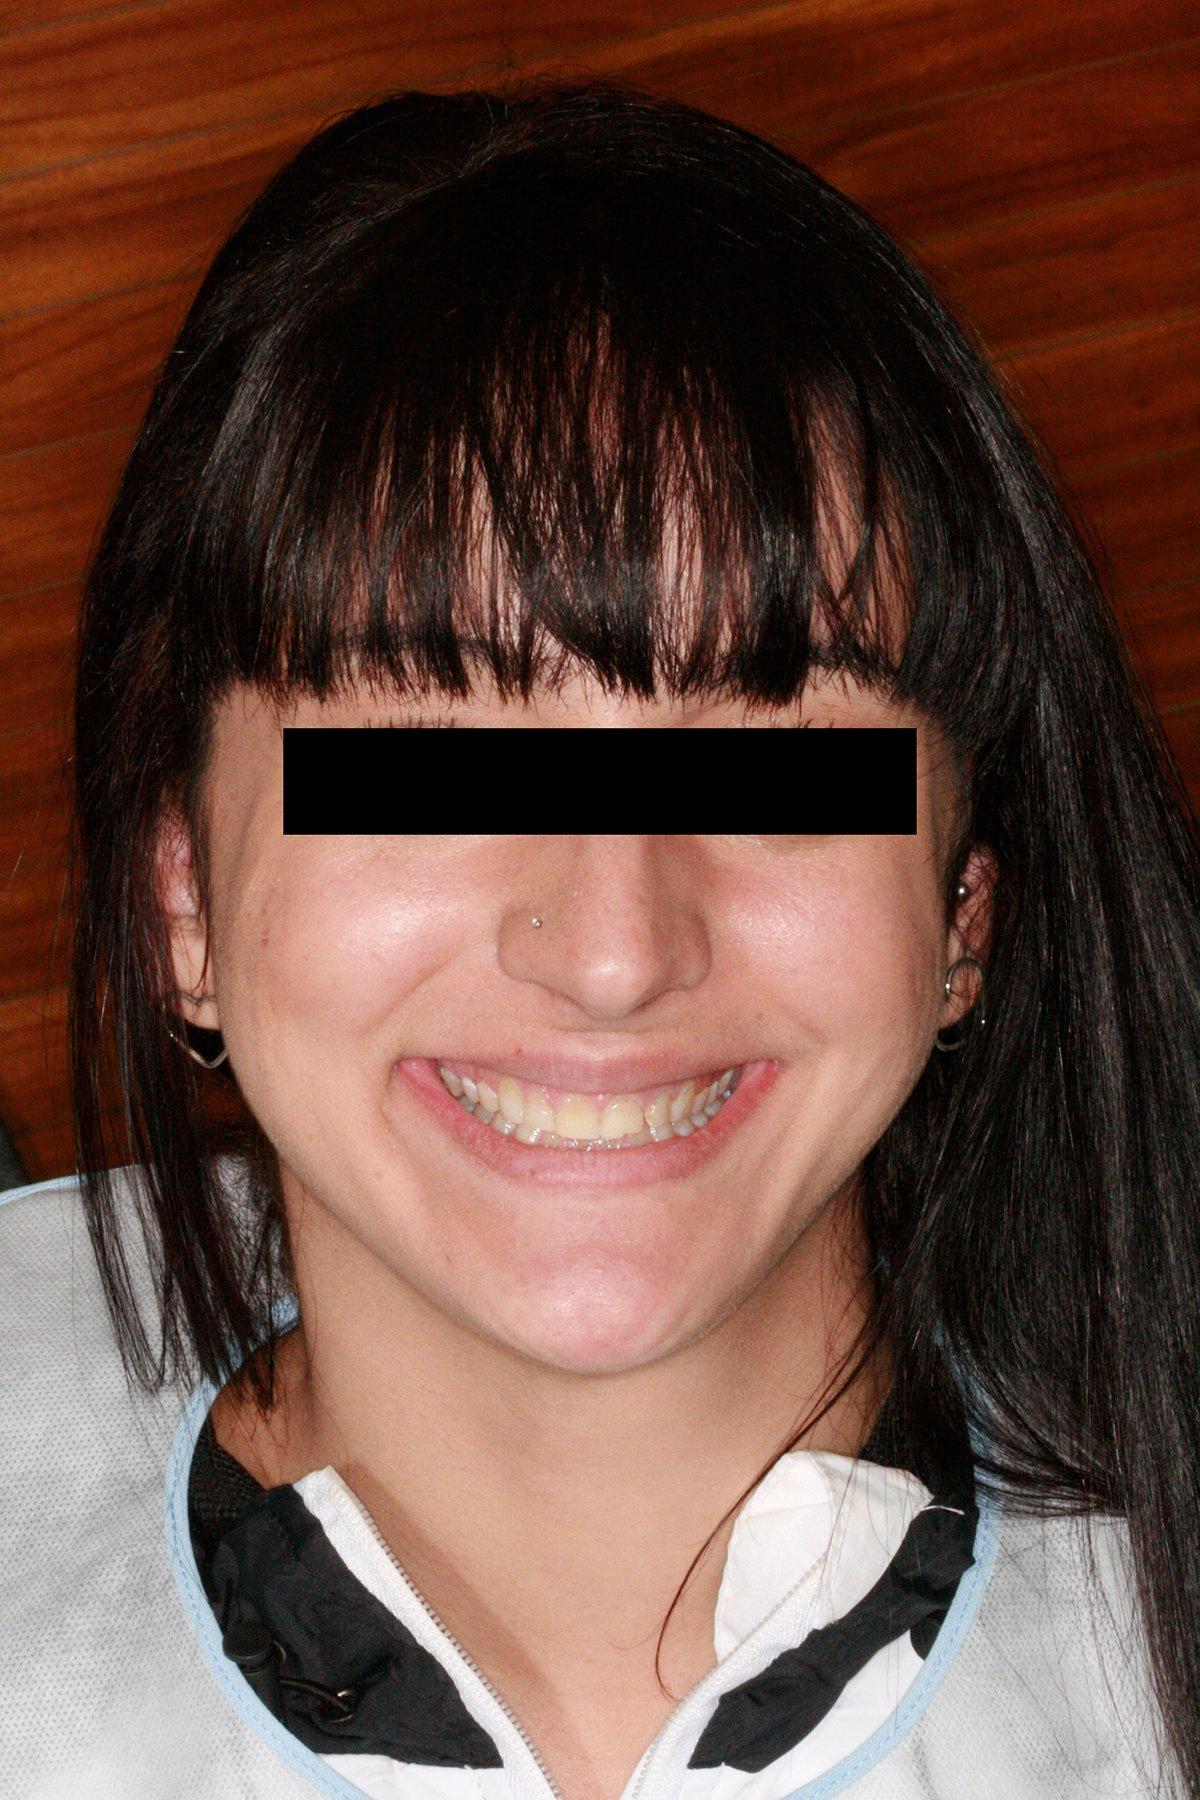 Fotos iniciais da paciente